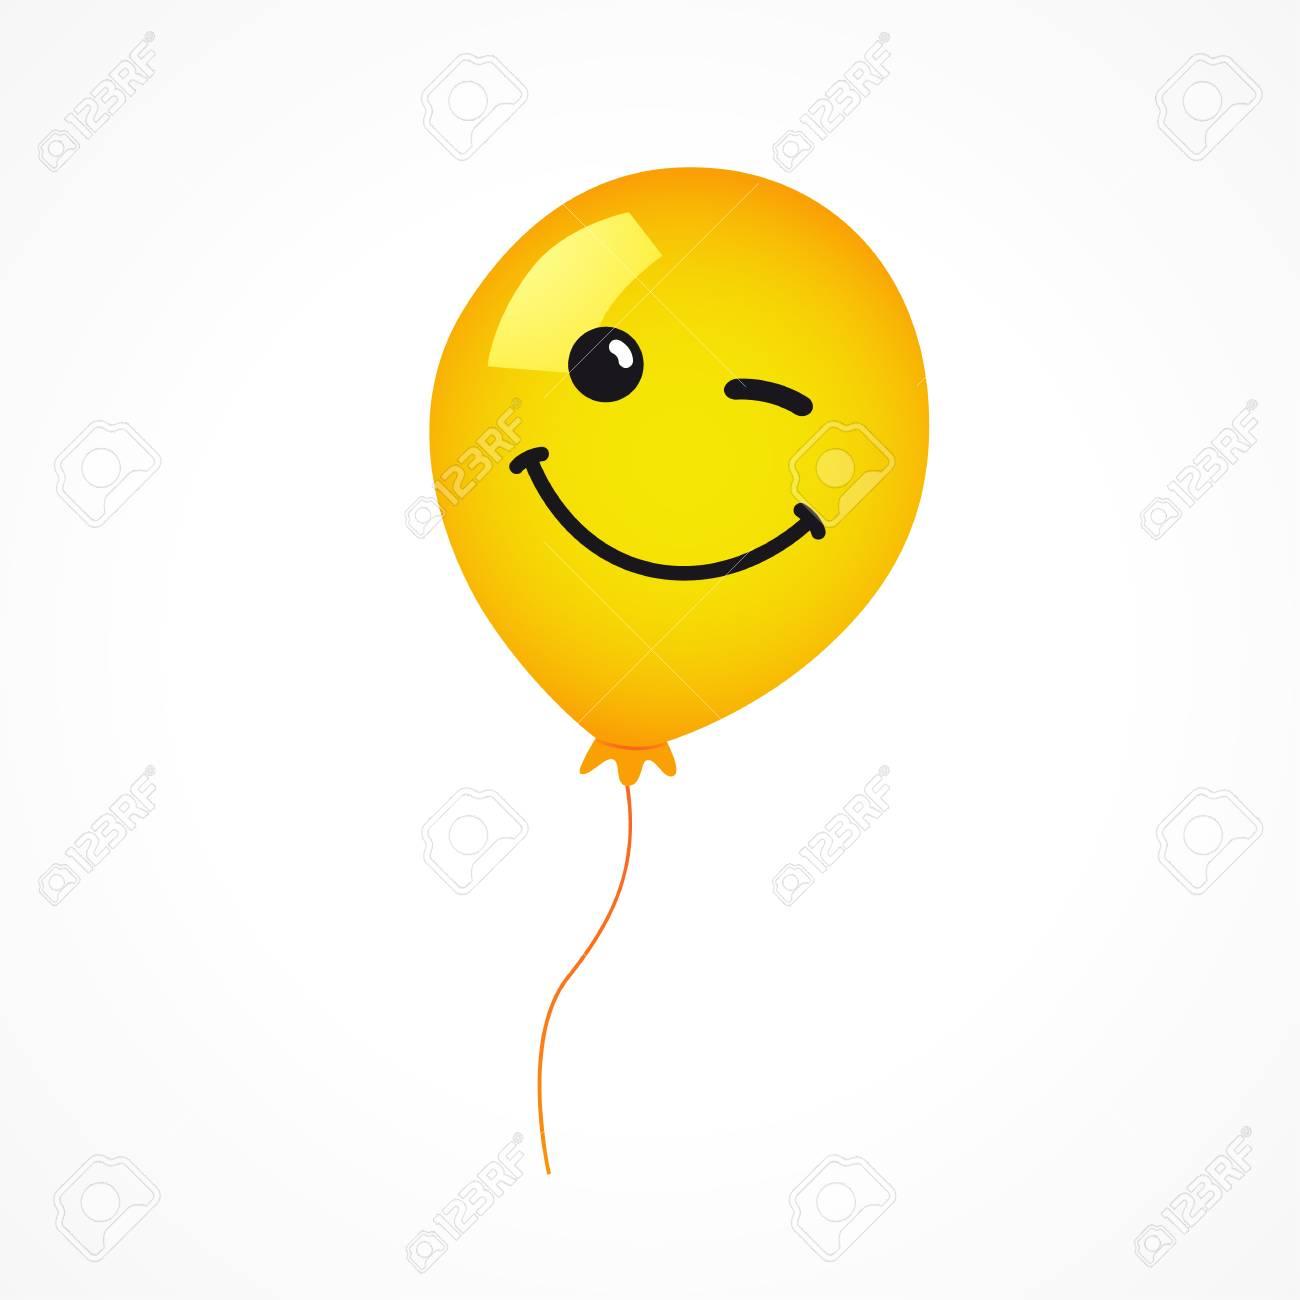 Winking Smile Of Yellow Helium Balloon On White Background